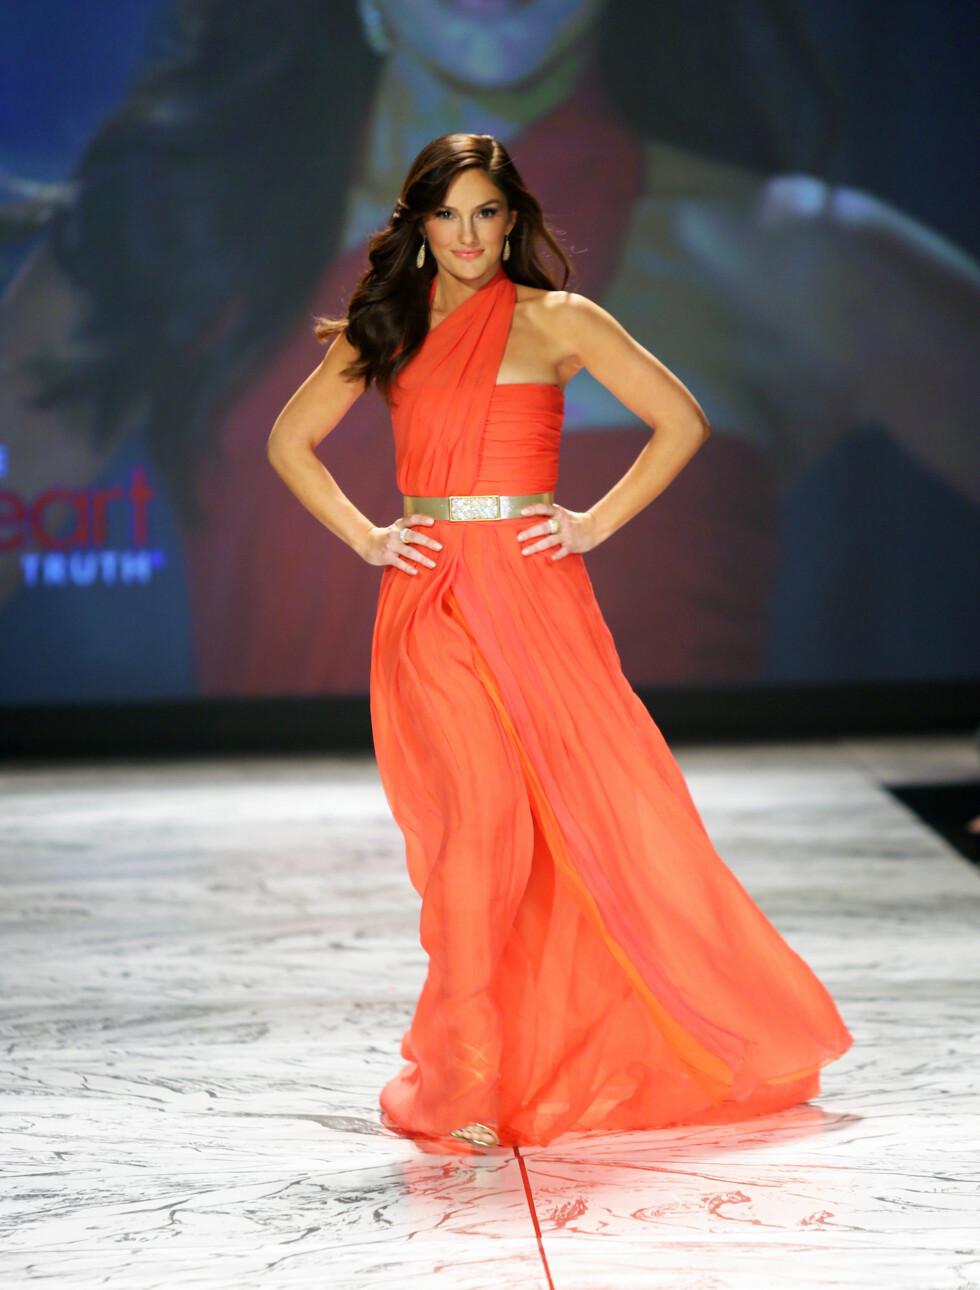 VAKKER: Skuespiller Minka Kelly deltok på motevisningen i fjor også. I år var hun iført en greskinspirert kjole fra kjendisfavoritt Oscar de la Renta.  Foto: All Over Press